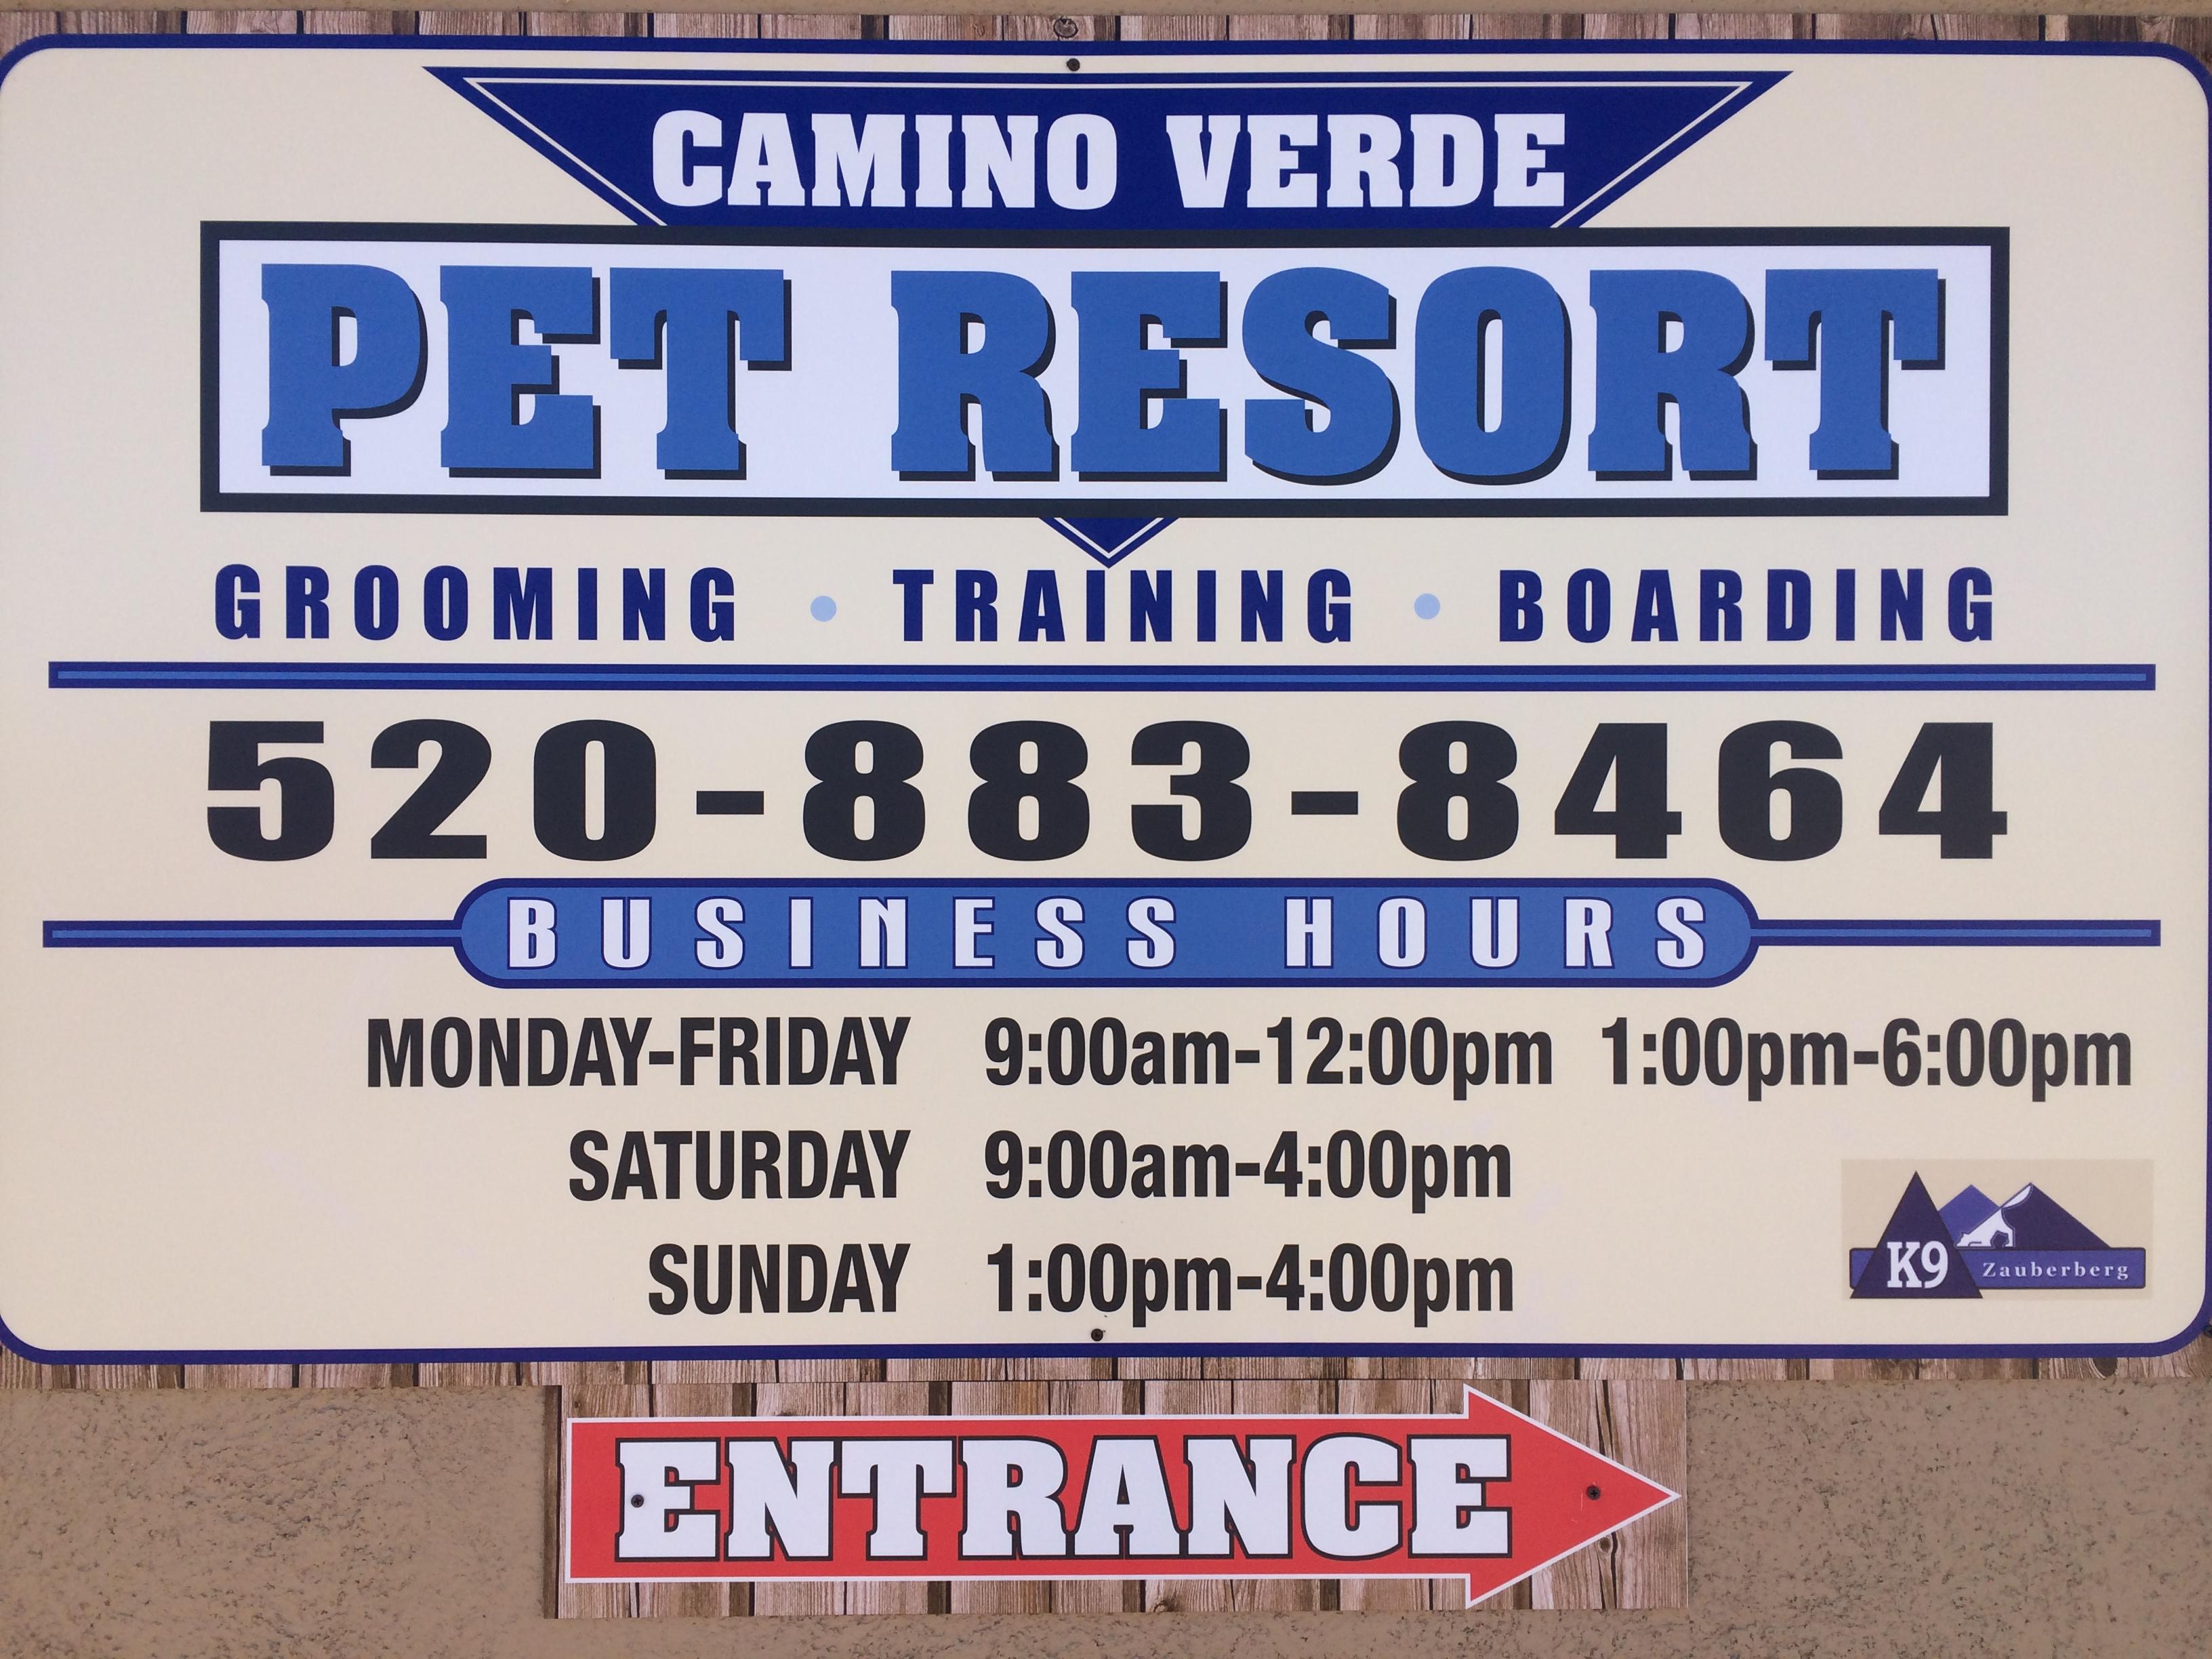 Camino Verde Pet Resort